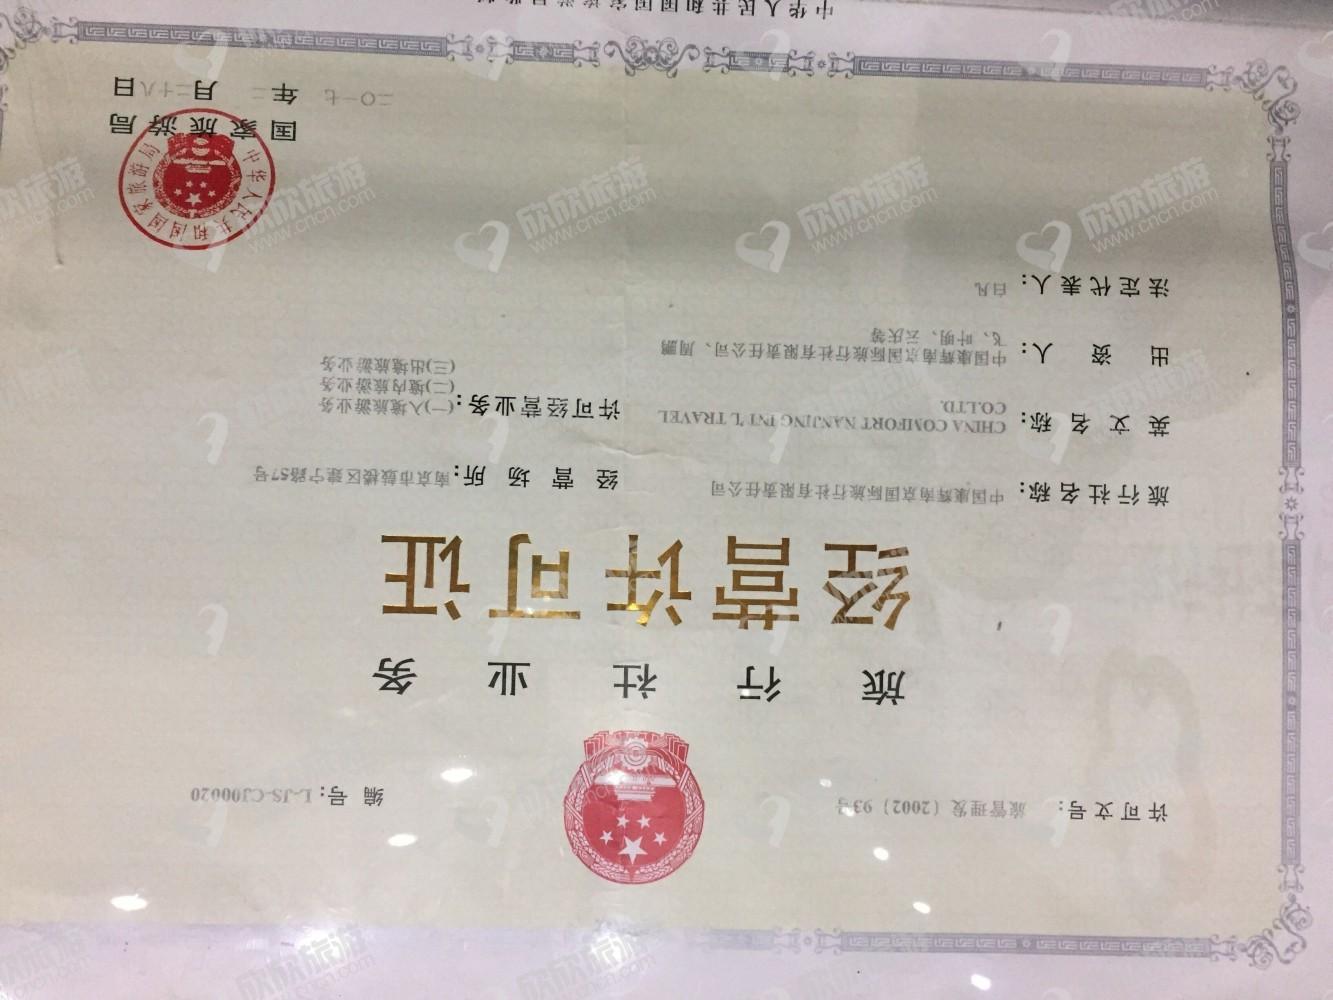 中国康辉南京国际旅行社有限责任公司经营许可证